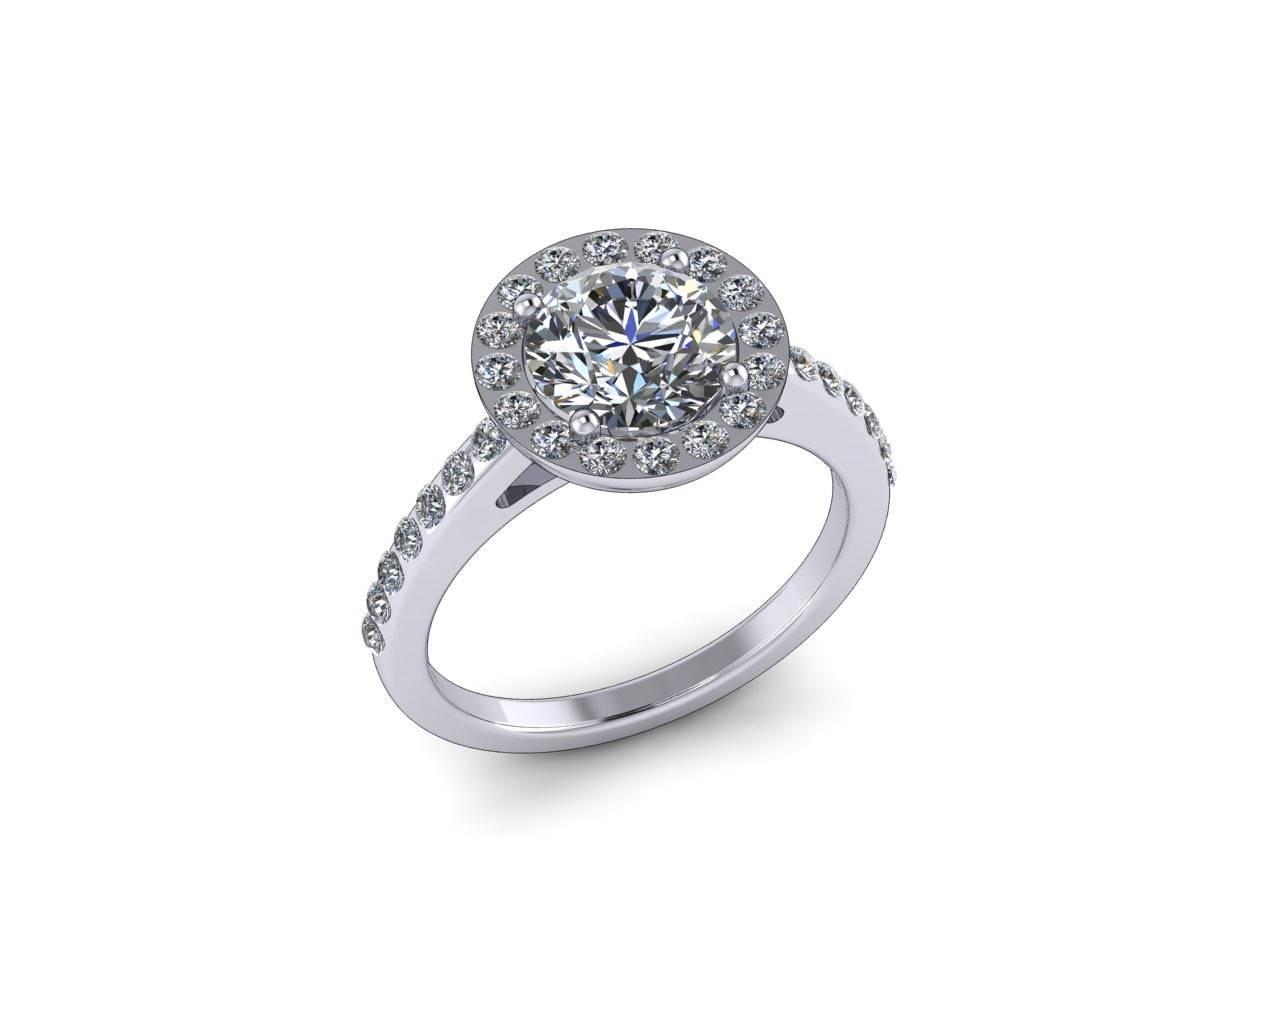 Aayraa jewels - Juwelen - House of Weddings - 16